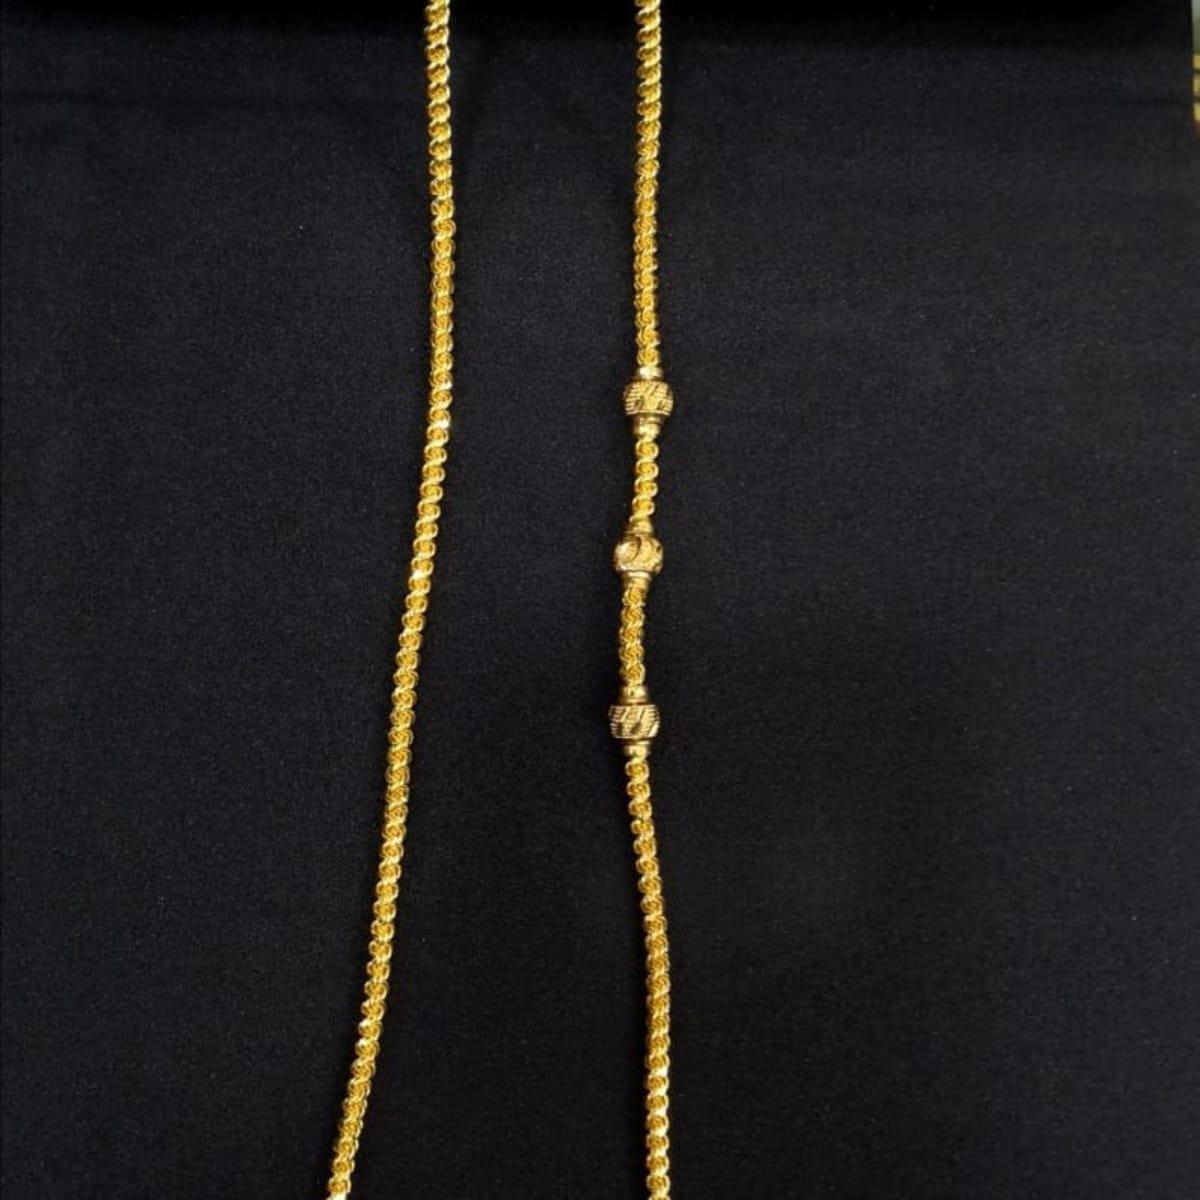 H R Chain